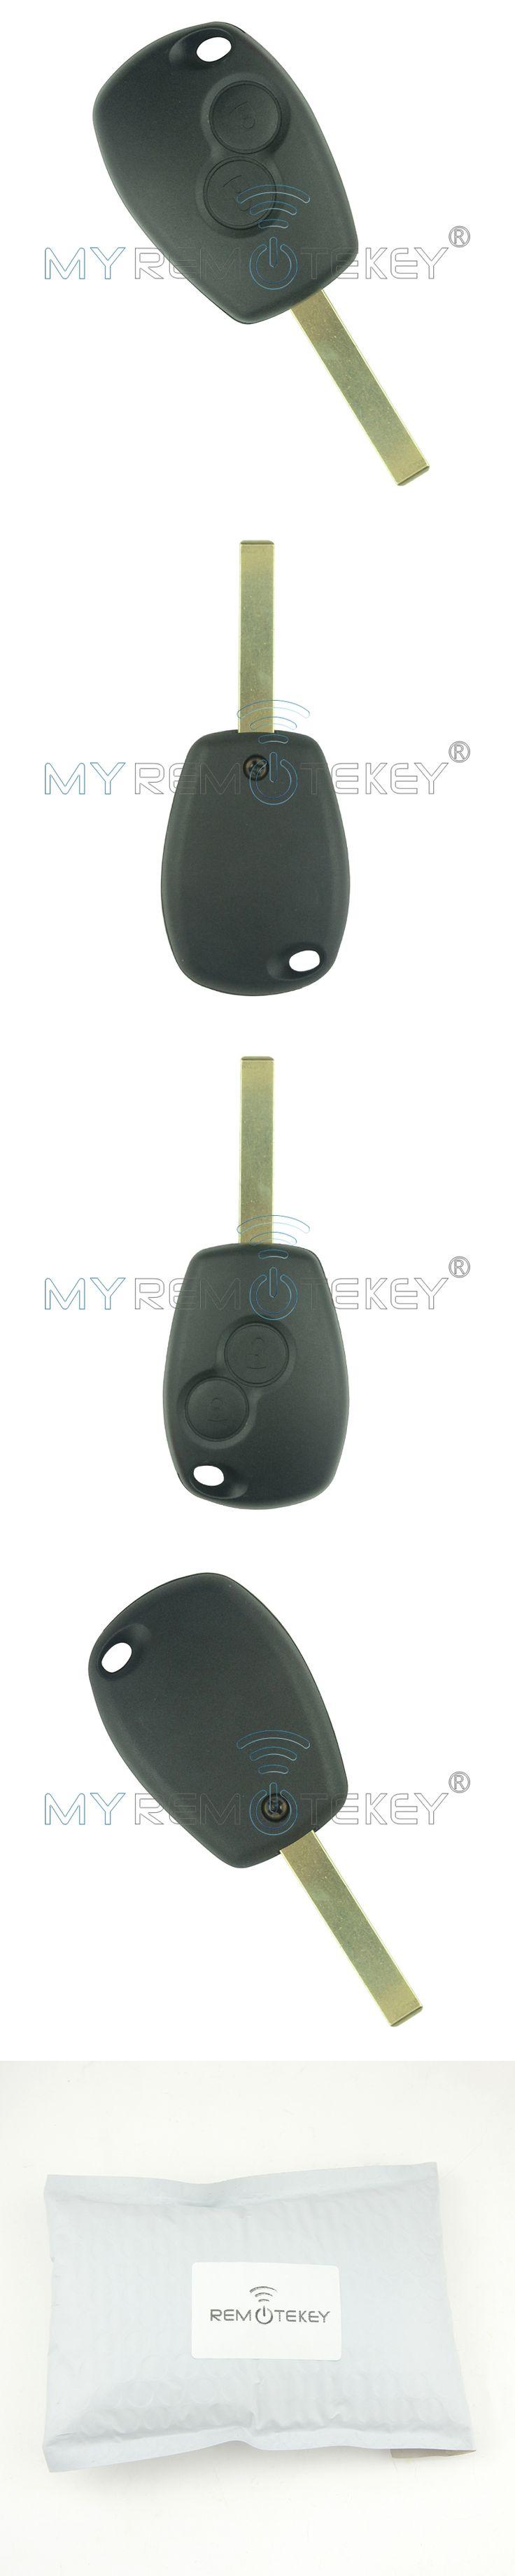 Remote car key for Renault Clio Kangoo Master Modus Twingo 2006 2007 2008 2009 2010 2 button VA6 433 mhz PCF7947 remtekey